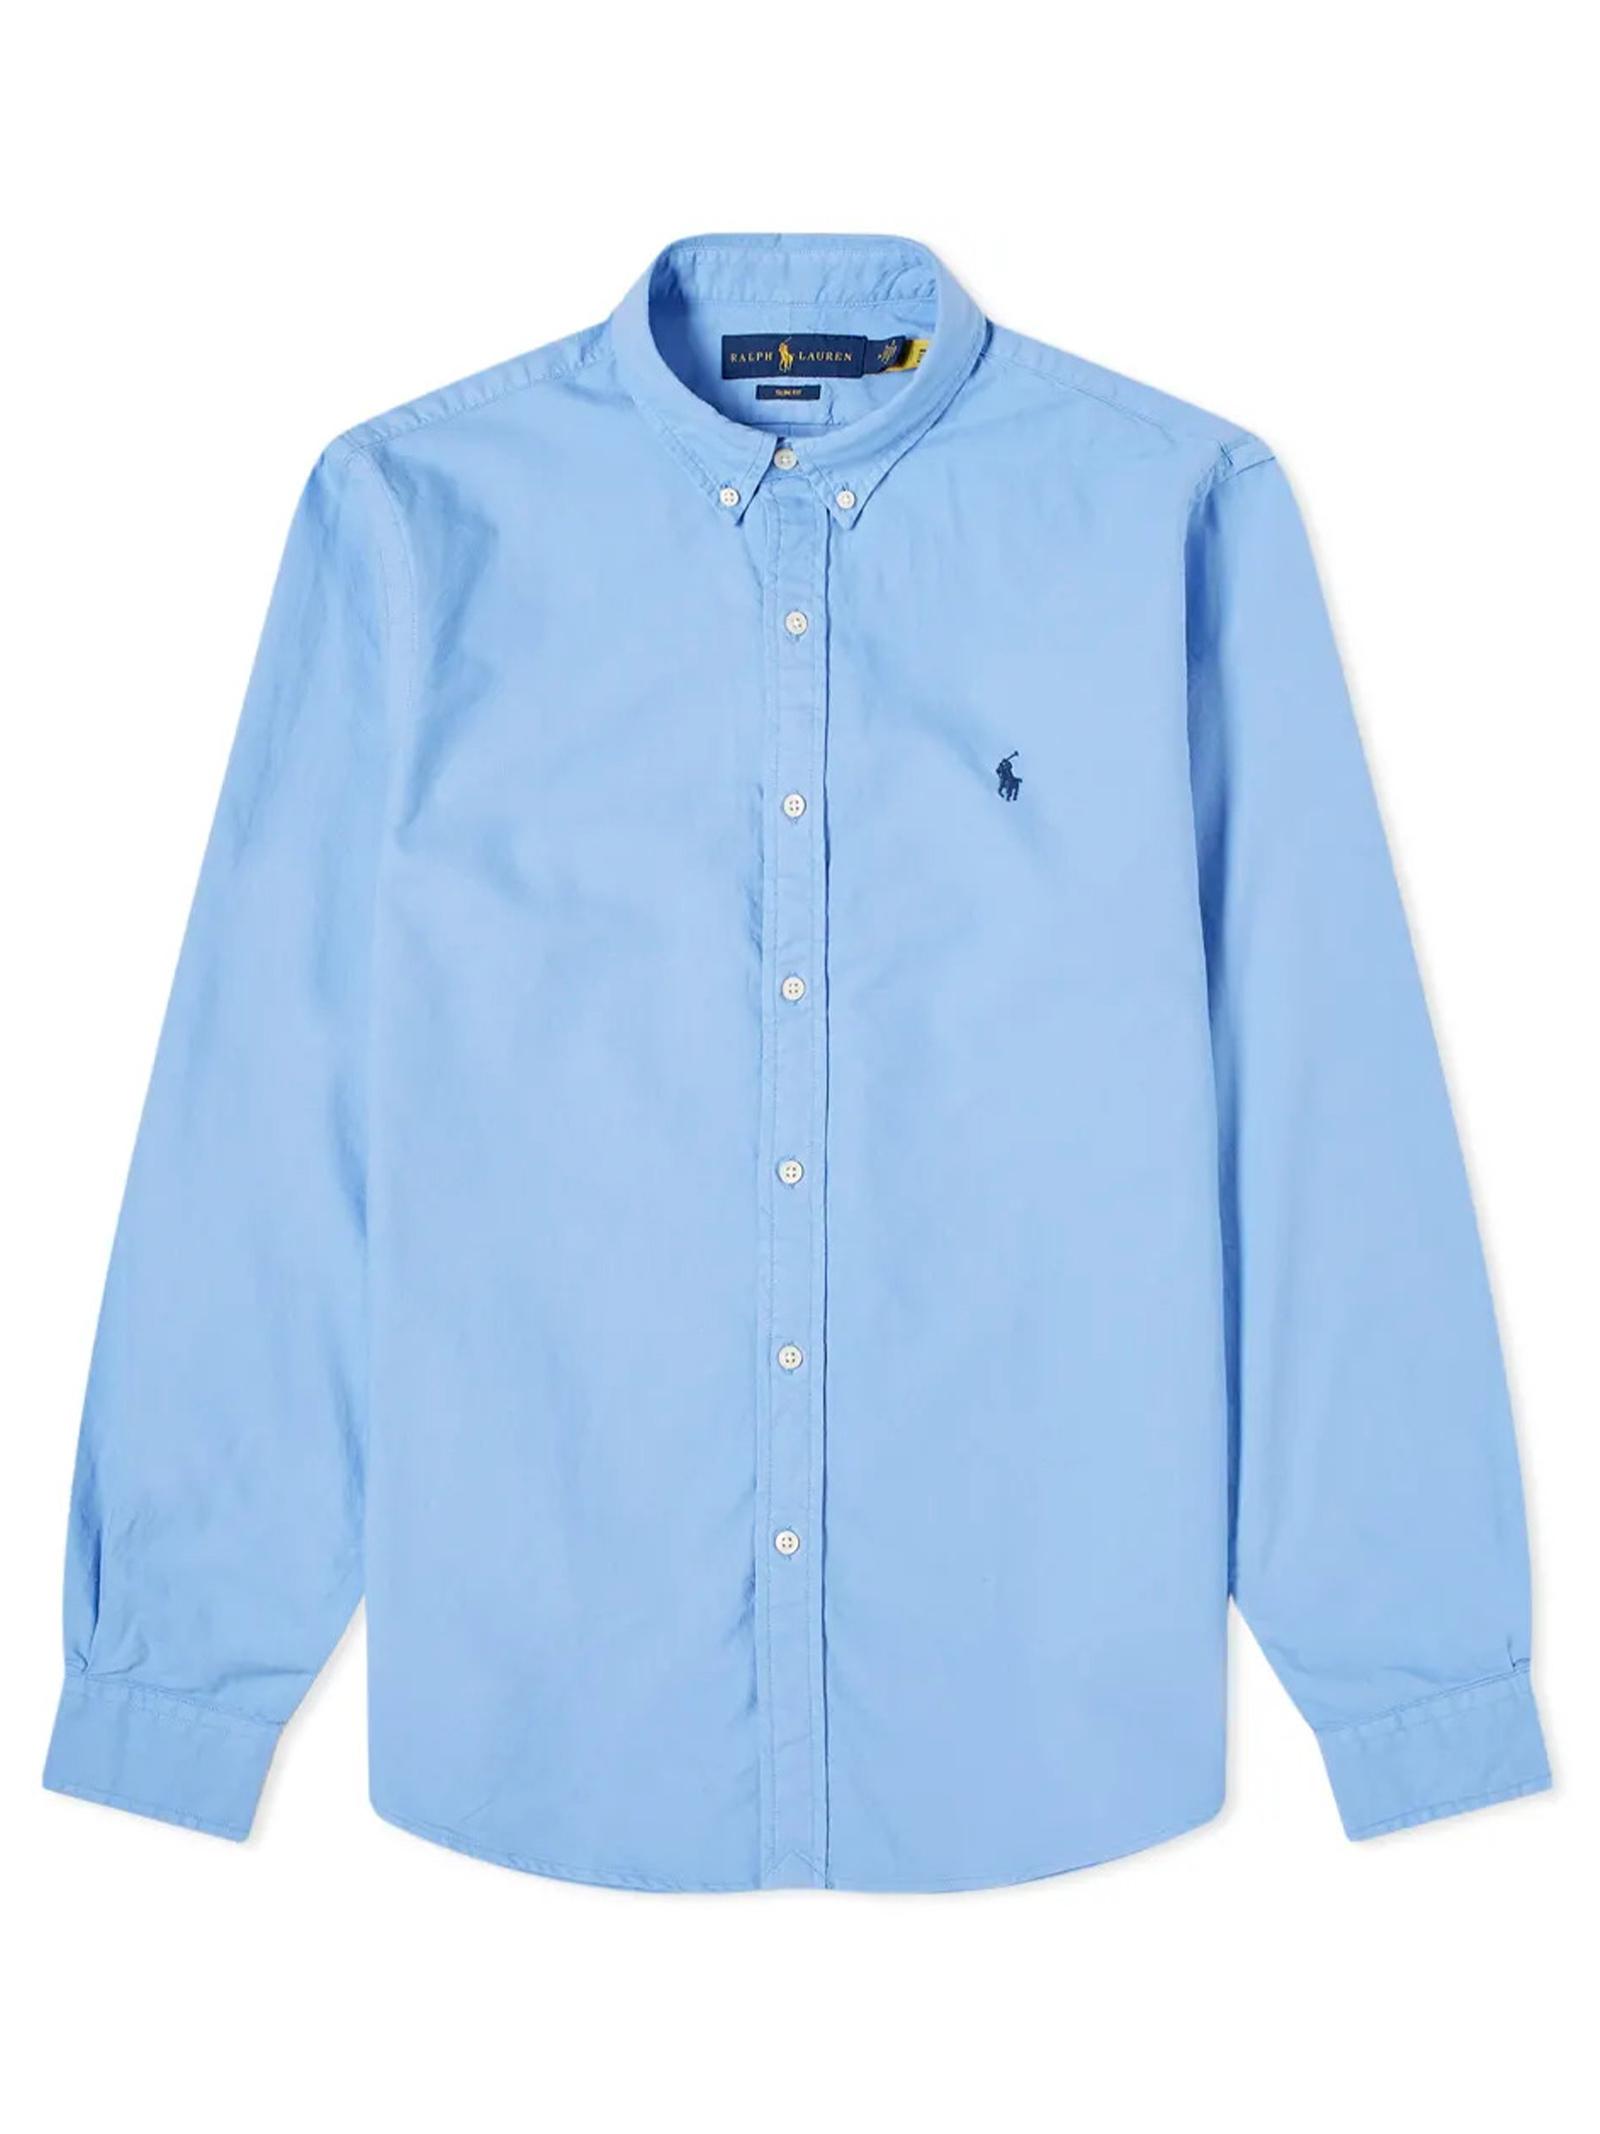 Camicia celeste con logo RALPH LAUREN   Camicia   710-804257015